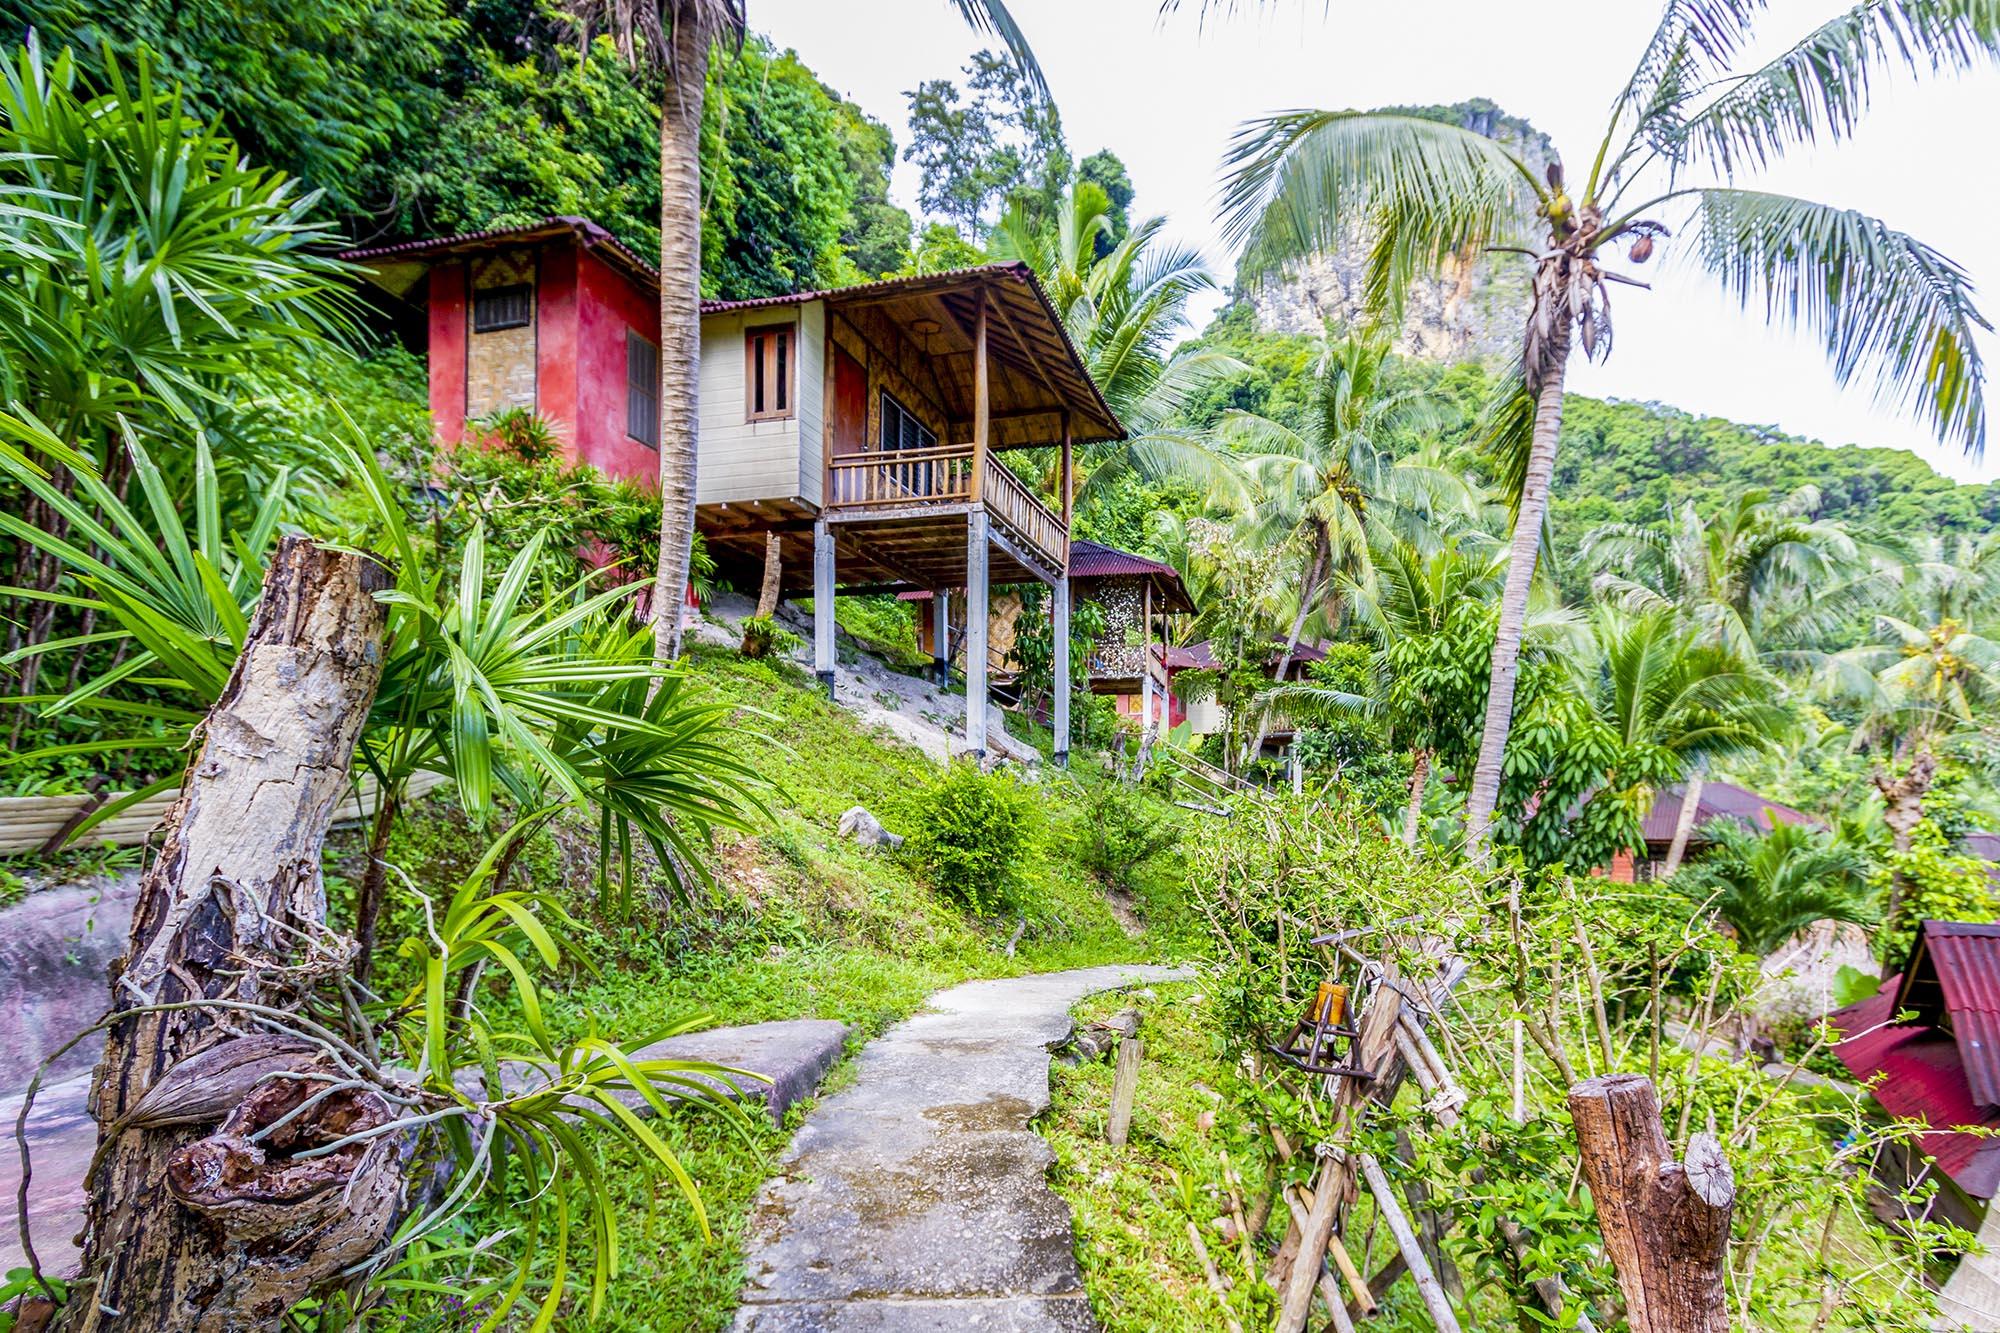 ไร่เลย์ การ์เดน วิว รีสอร์ท (Railay Garden View Resort)  ไร่เลย์ การ์เดน วิว รีสอร์ท (Railay Garden View Resort)                                                                             Railay Garden View Resort